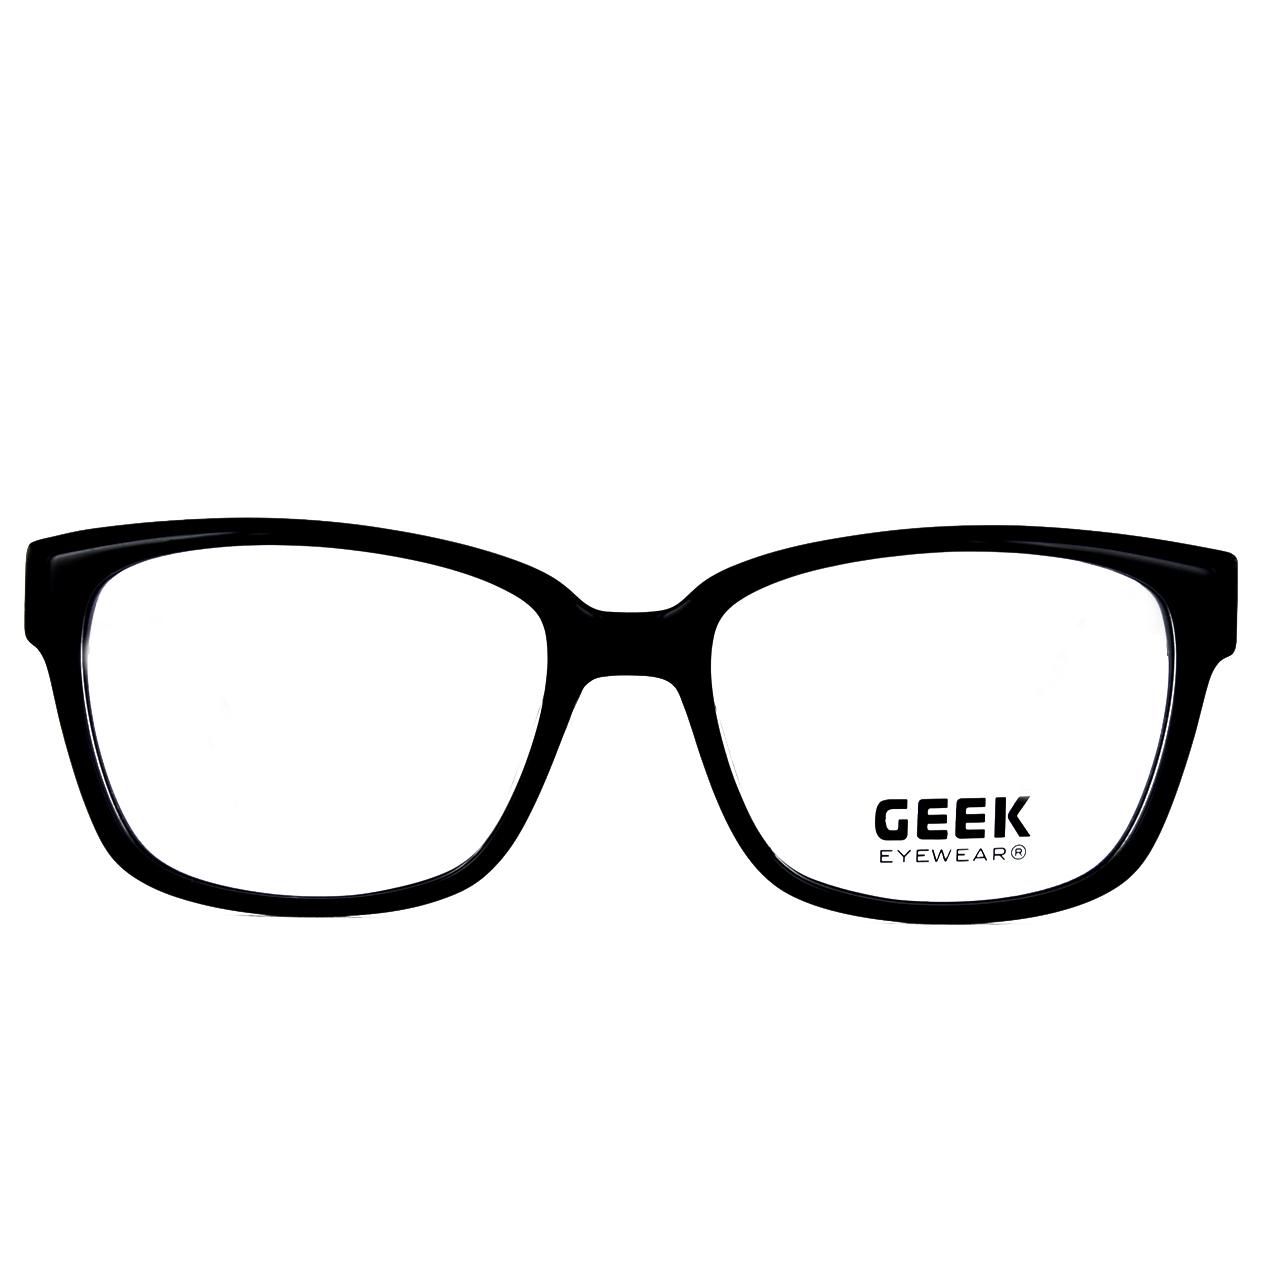 GEEK EYEWEAR® RX Eyeglasses style SELFIE